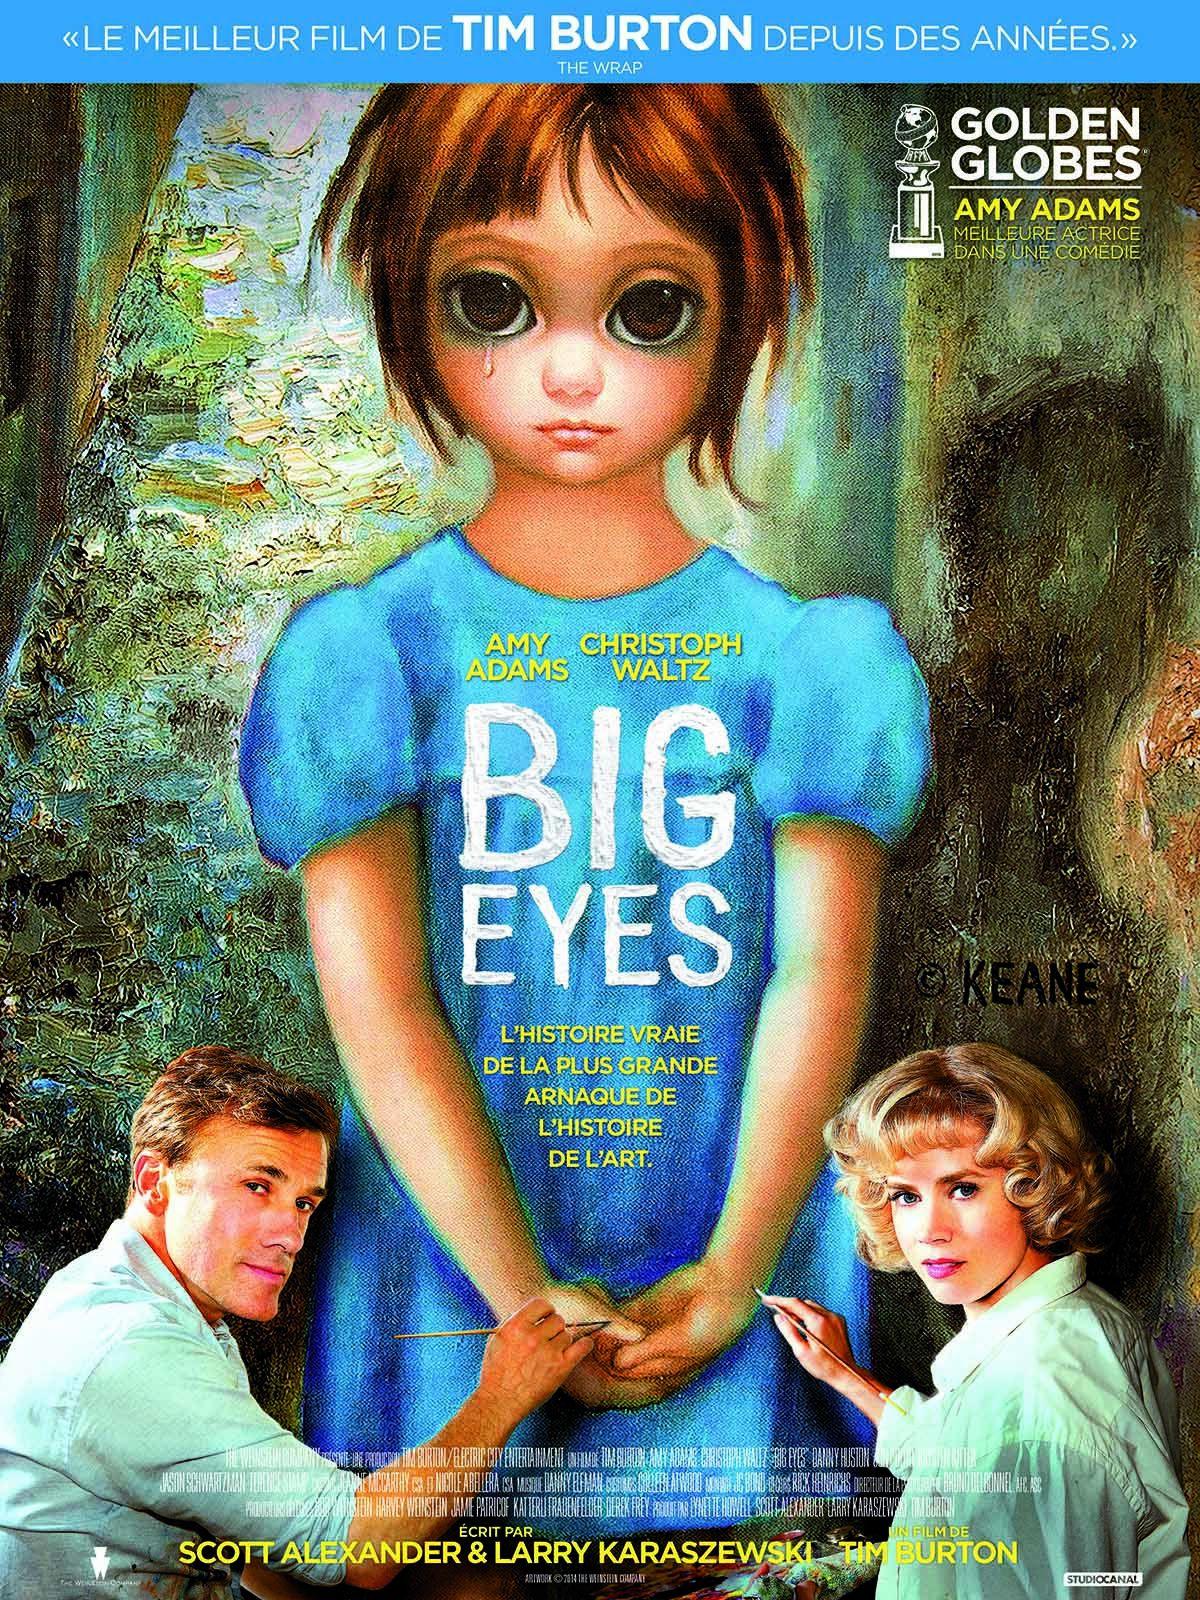 Big Eyes (Featurette : Margaret Keane) de Tim Burton avec Krysten Ritter, Amy Adams, Christoph Waltz - 18 03 2015